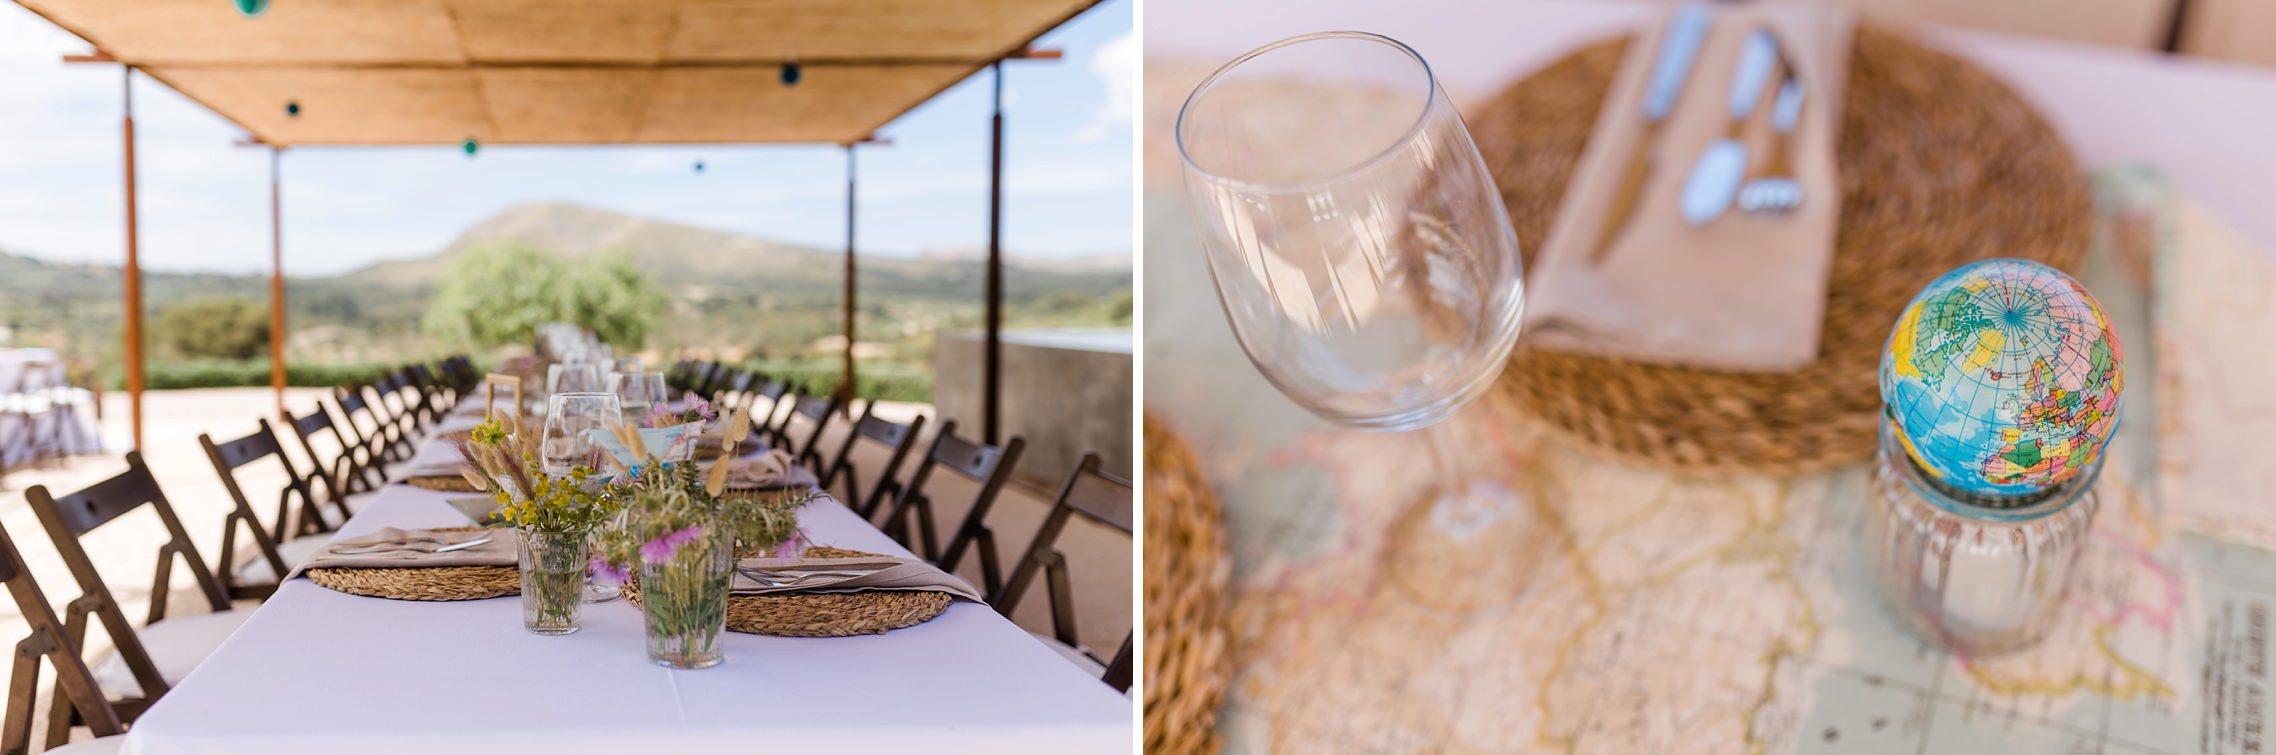 Tischdeko mit einem Mini-Globus auf der Finca-Hochzeit auf Mallorca